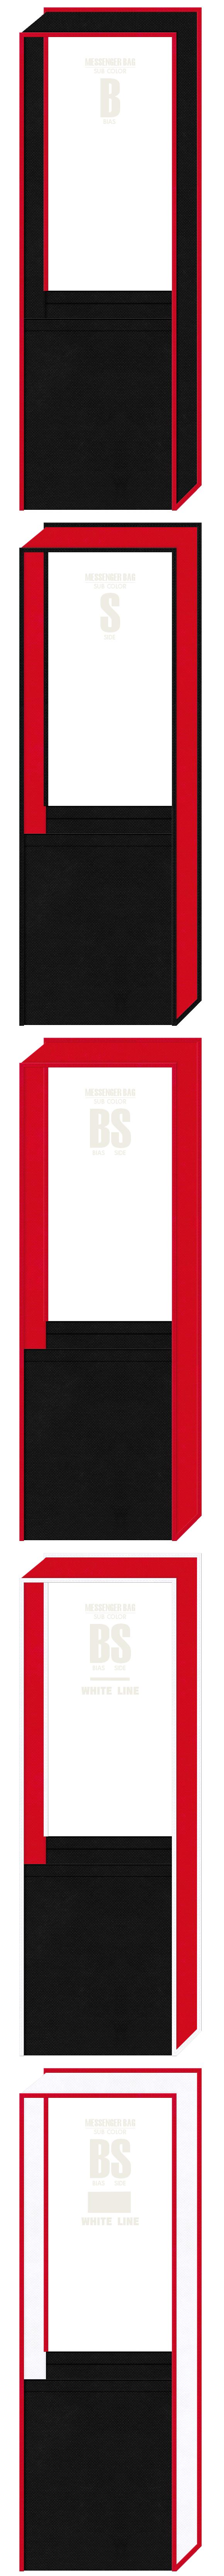 不織布メッセンジャーバッグのカラーシミュレーション(黒色・紅色・白色):展示会用バッグ(対戦型格闘ゲーム)、スポーツイベントにお奨めです。